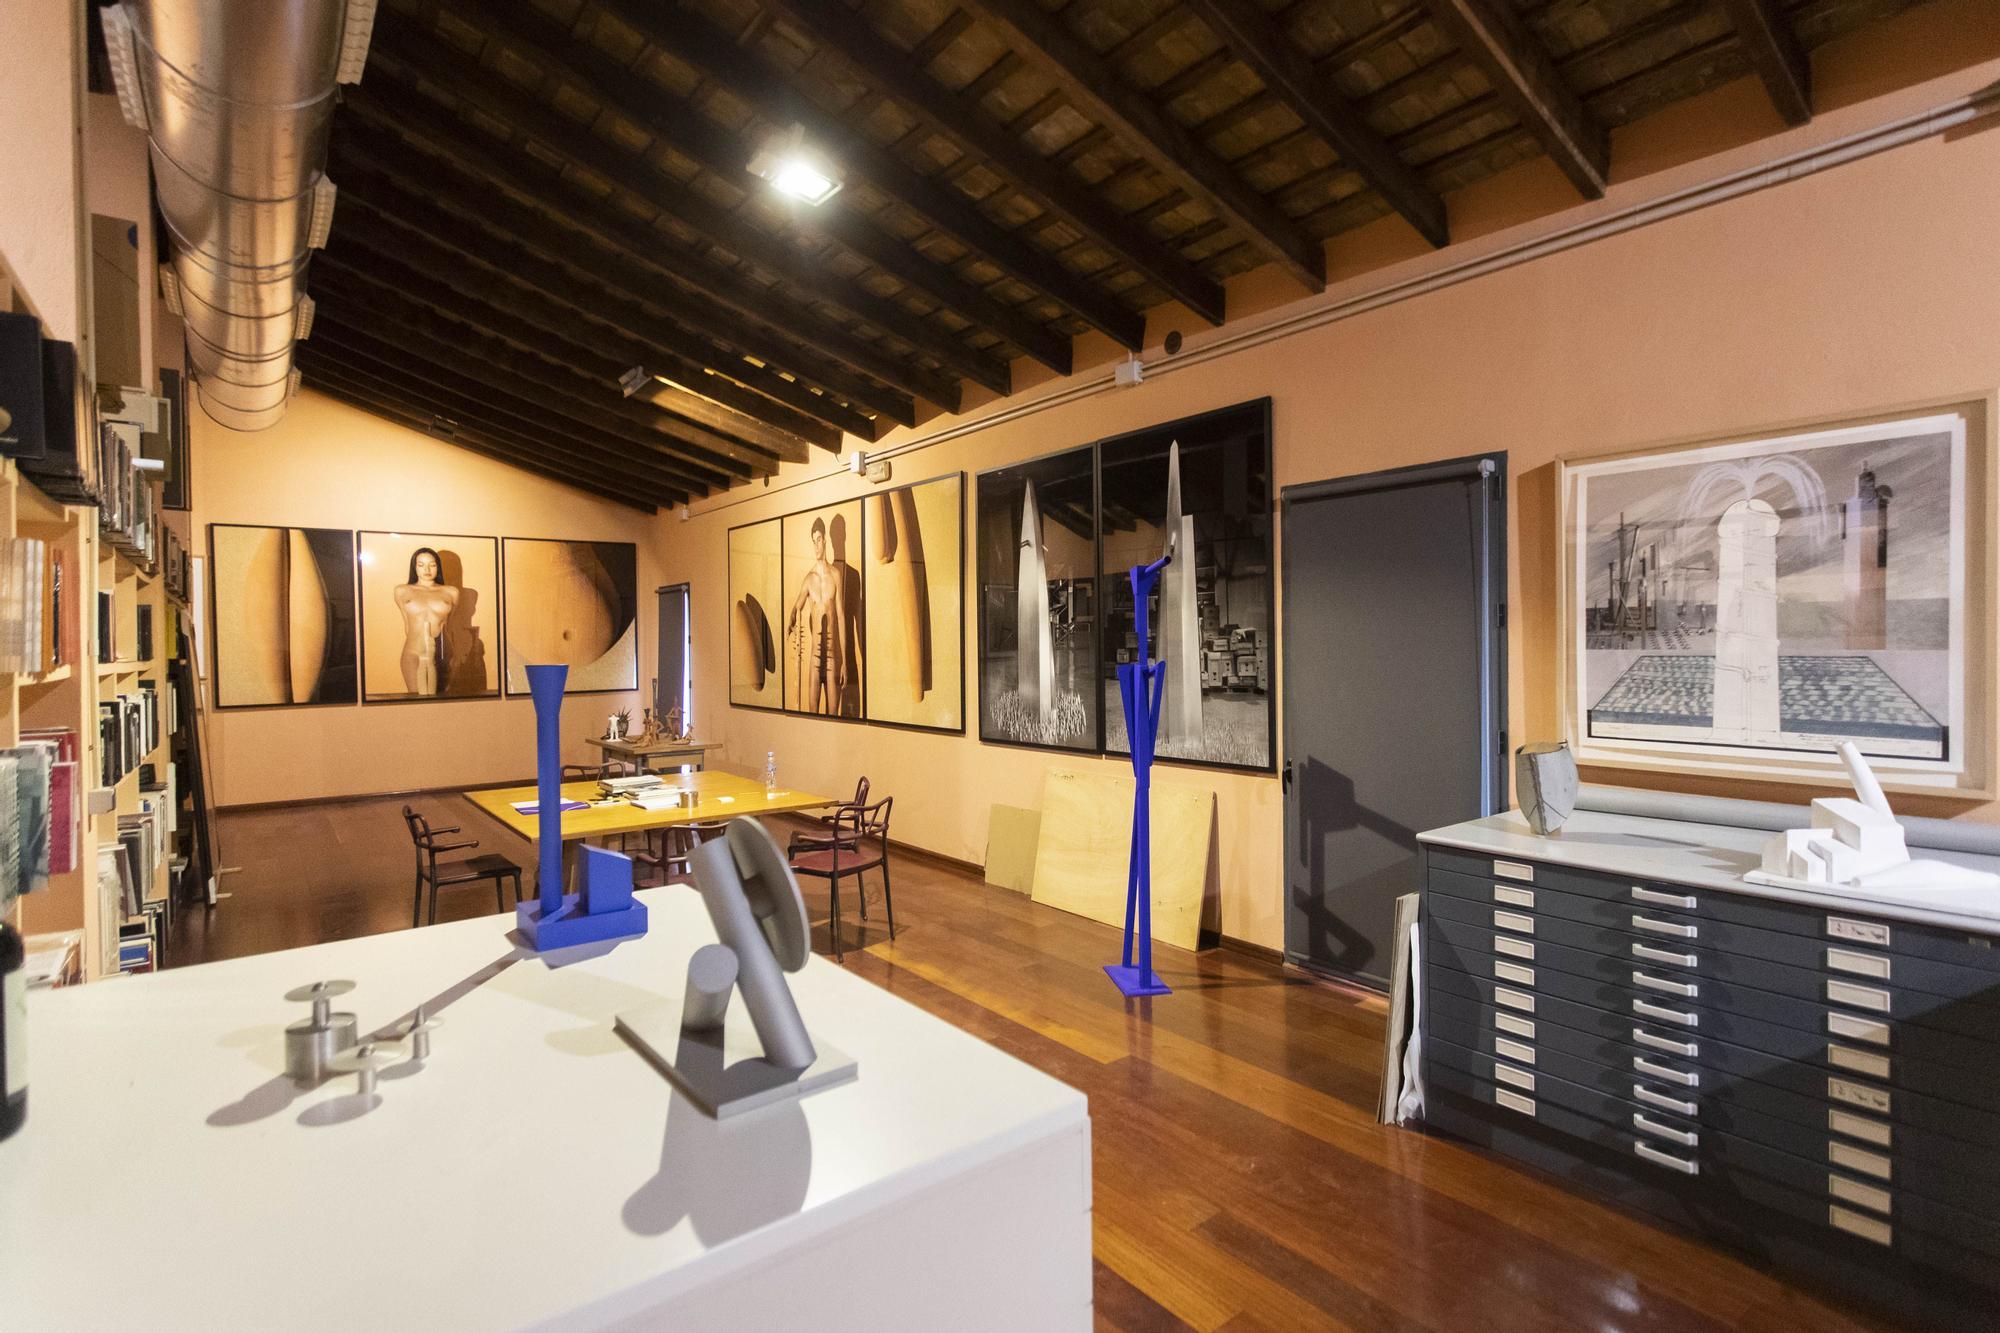 Mique Navarro abre las puertas de su taller a Levante-EMV para mostrar la futura sede de la fundación que lleva su nombre,